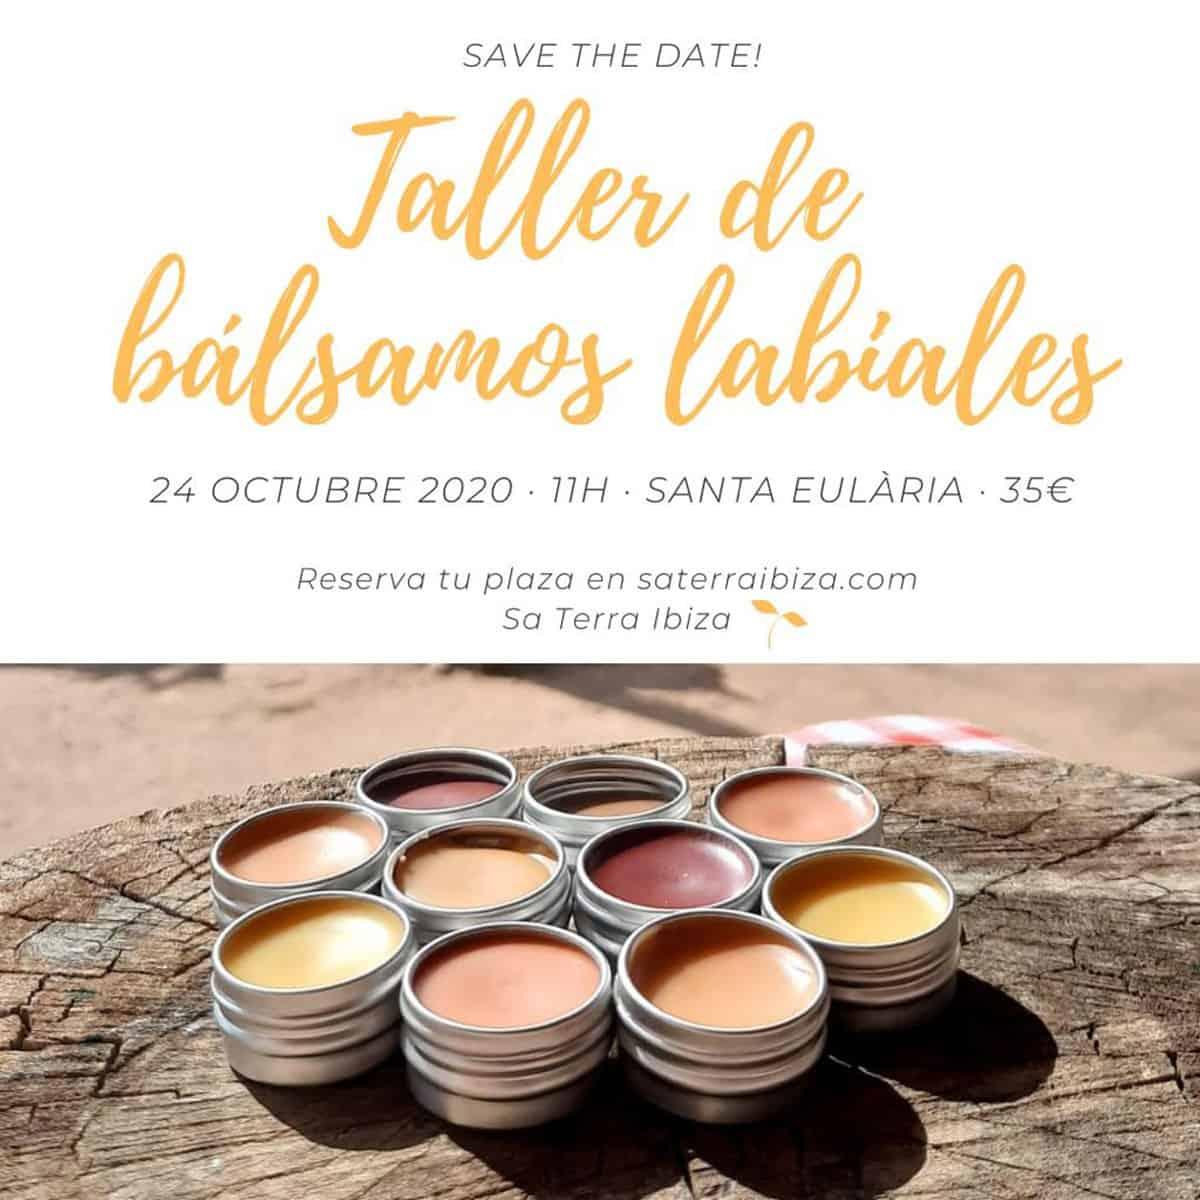 taller-de-balsamos-labiales-sa-terra-ibiza-2020-welcometoibiza